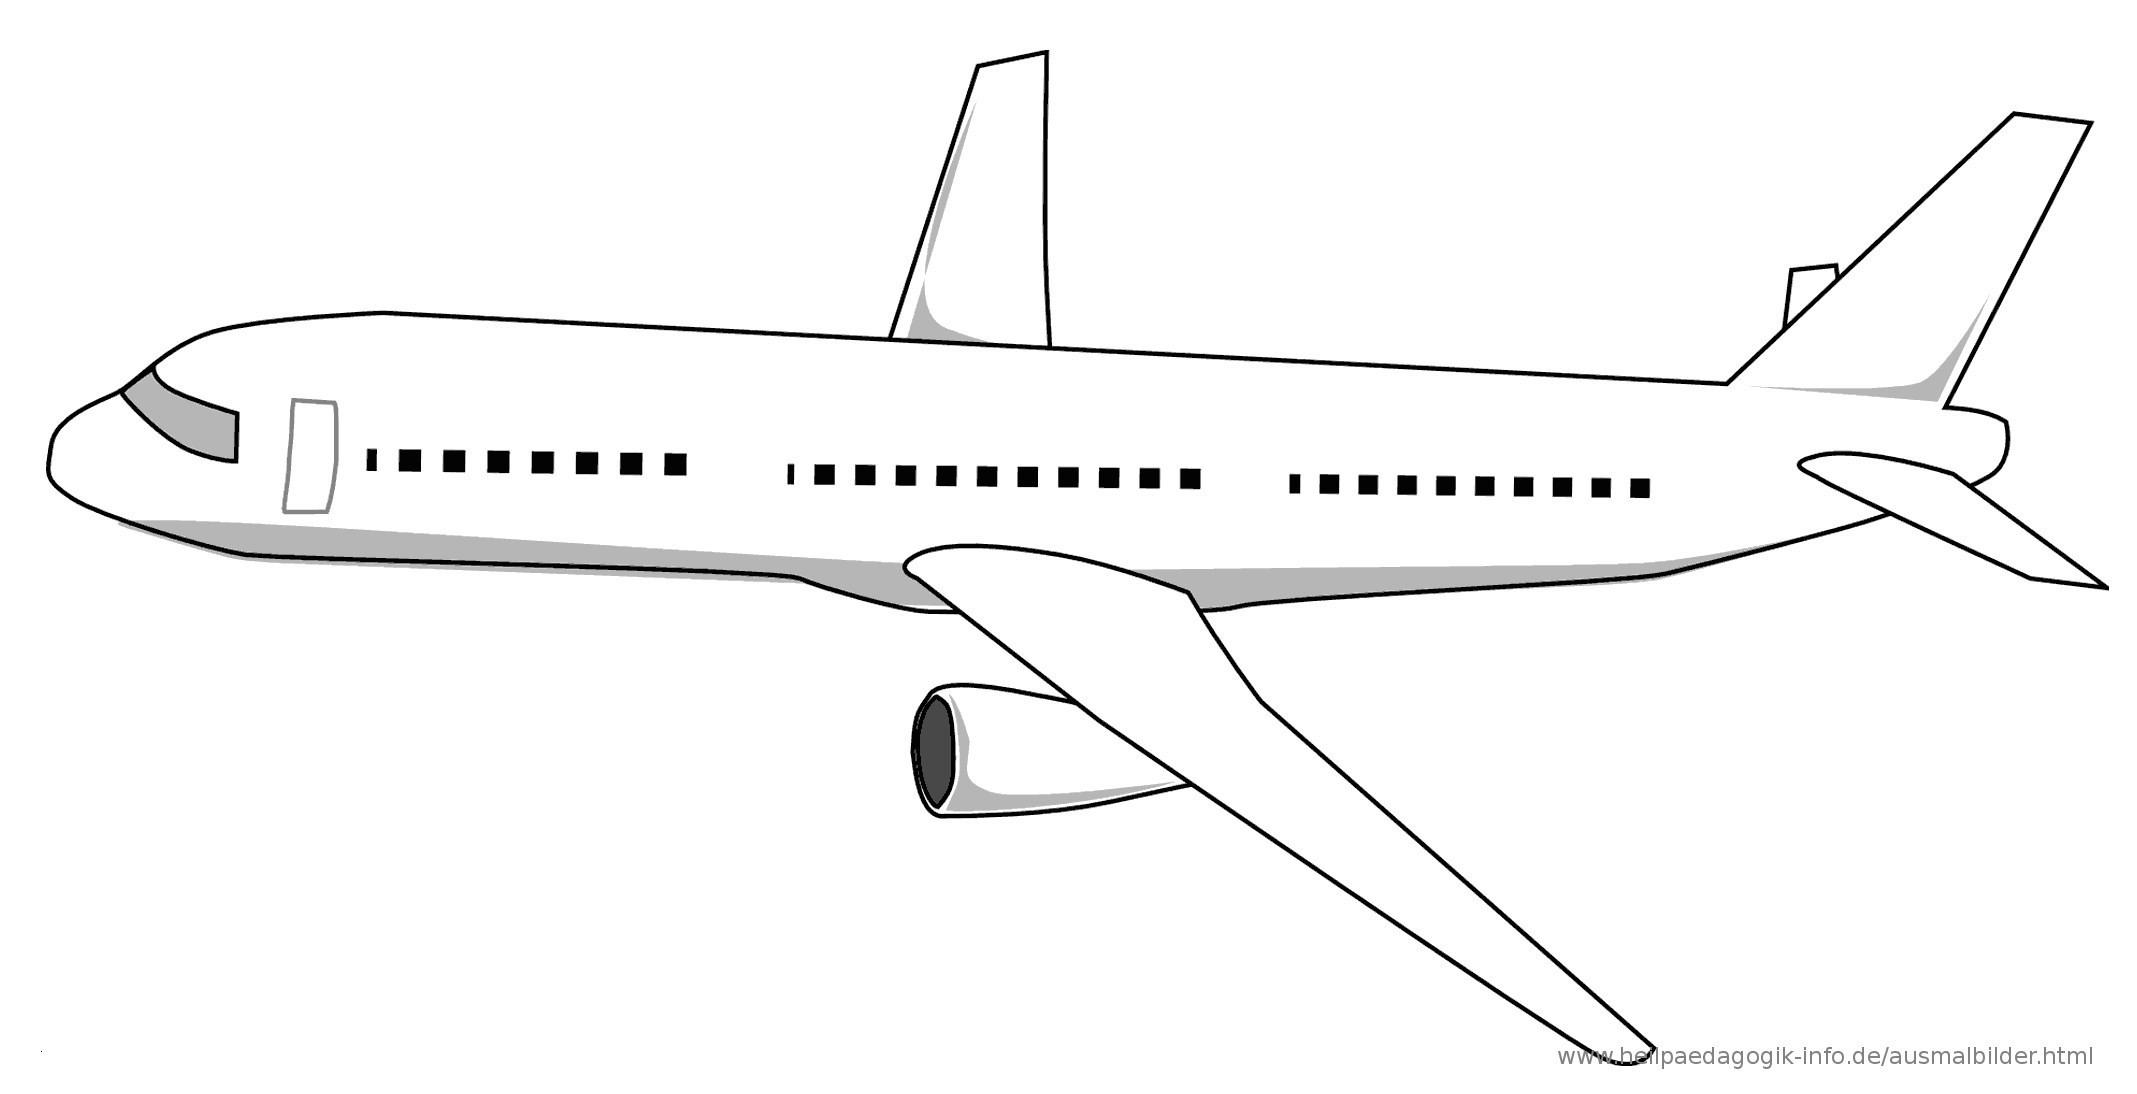 Flugzeug Bilder Zum Ausdrucken Inspirierend Flugzeug Malbuch Wunderbar Malvorlagen Tannenbaum Ausdrucken Das Bild